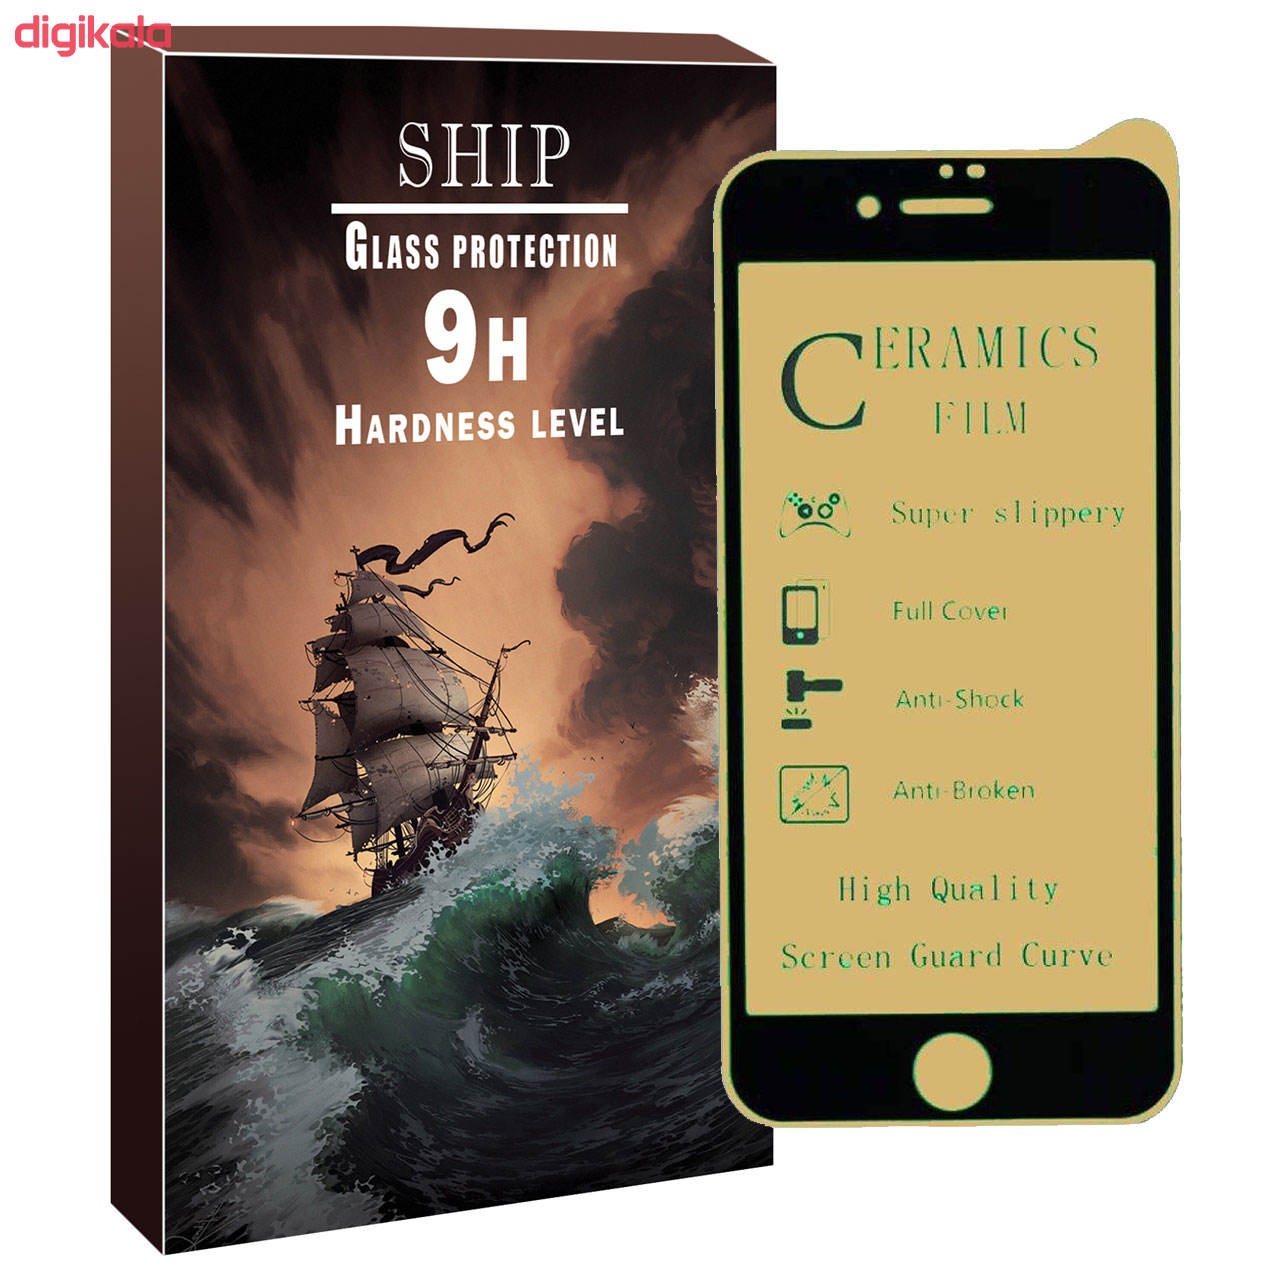 محافظ صفحه نمایش مات شیپ مدل shmcrm-01 مناسب برای گوشی موبایل اپل Iphone 6/6s main 1 1